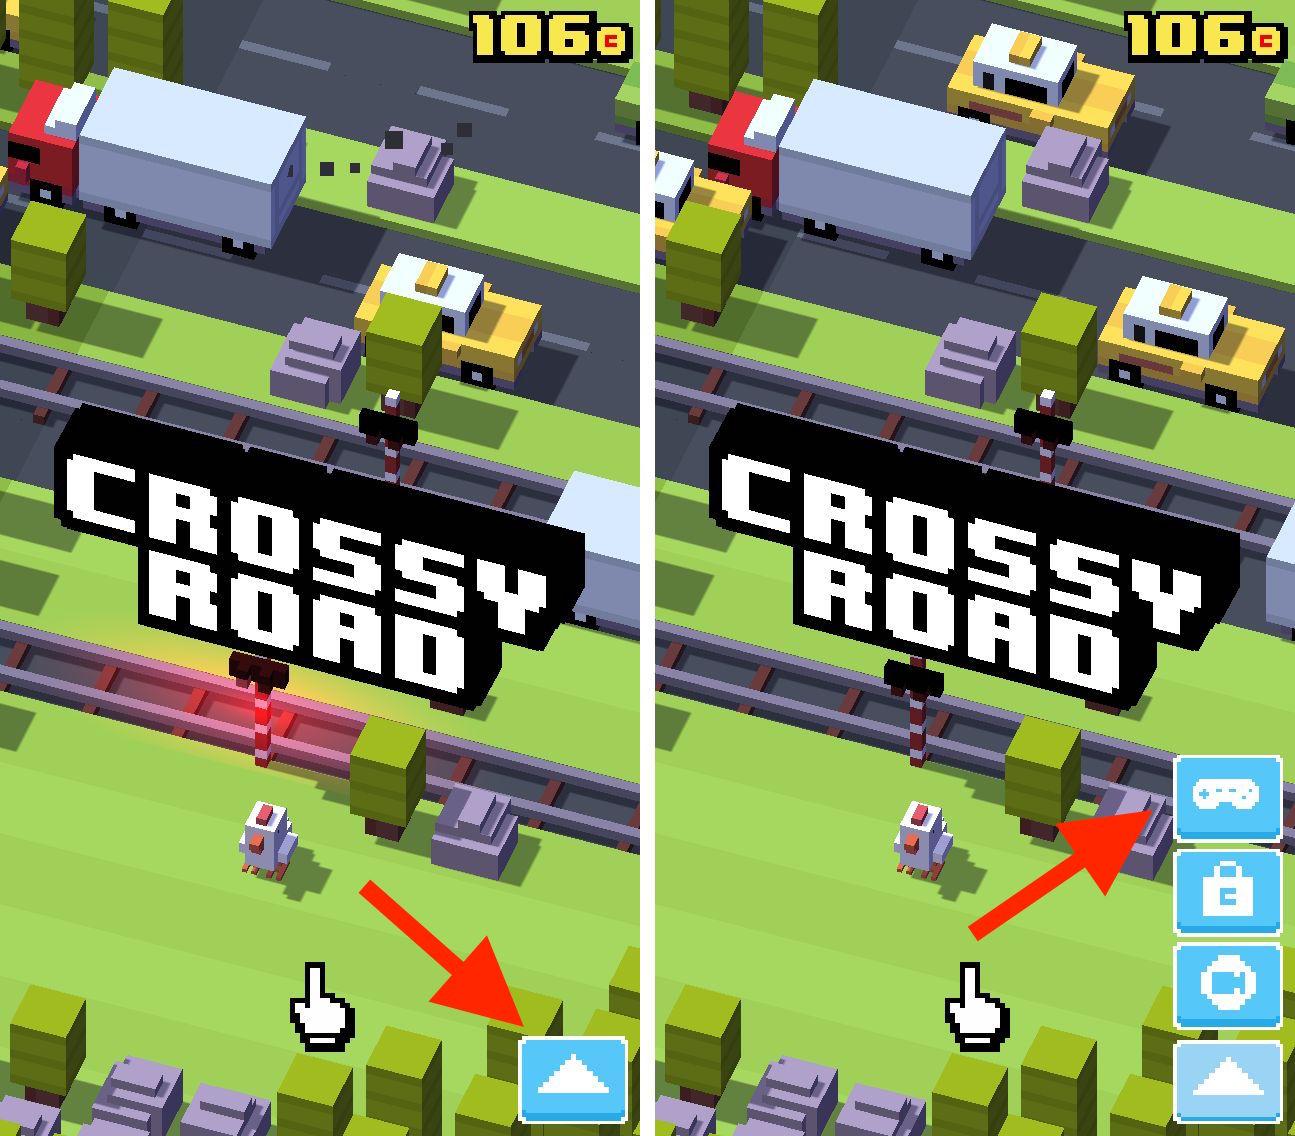 Crossy Road на смартфоне. Если при запуске игры не ткнуть отмеченные кнопки — вы их больше не найдёте. Пока вручную не закроете приложение или не перезапустите смартфон.